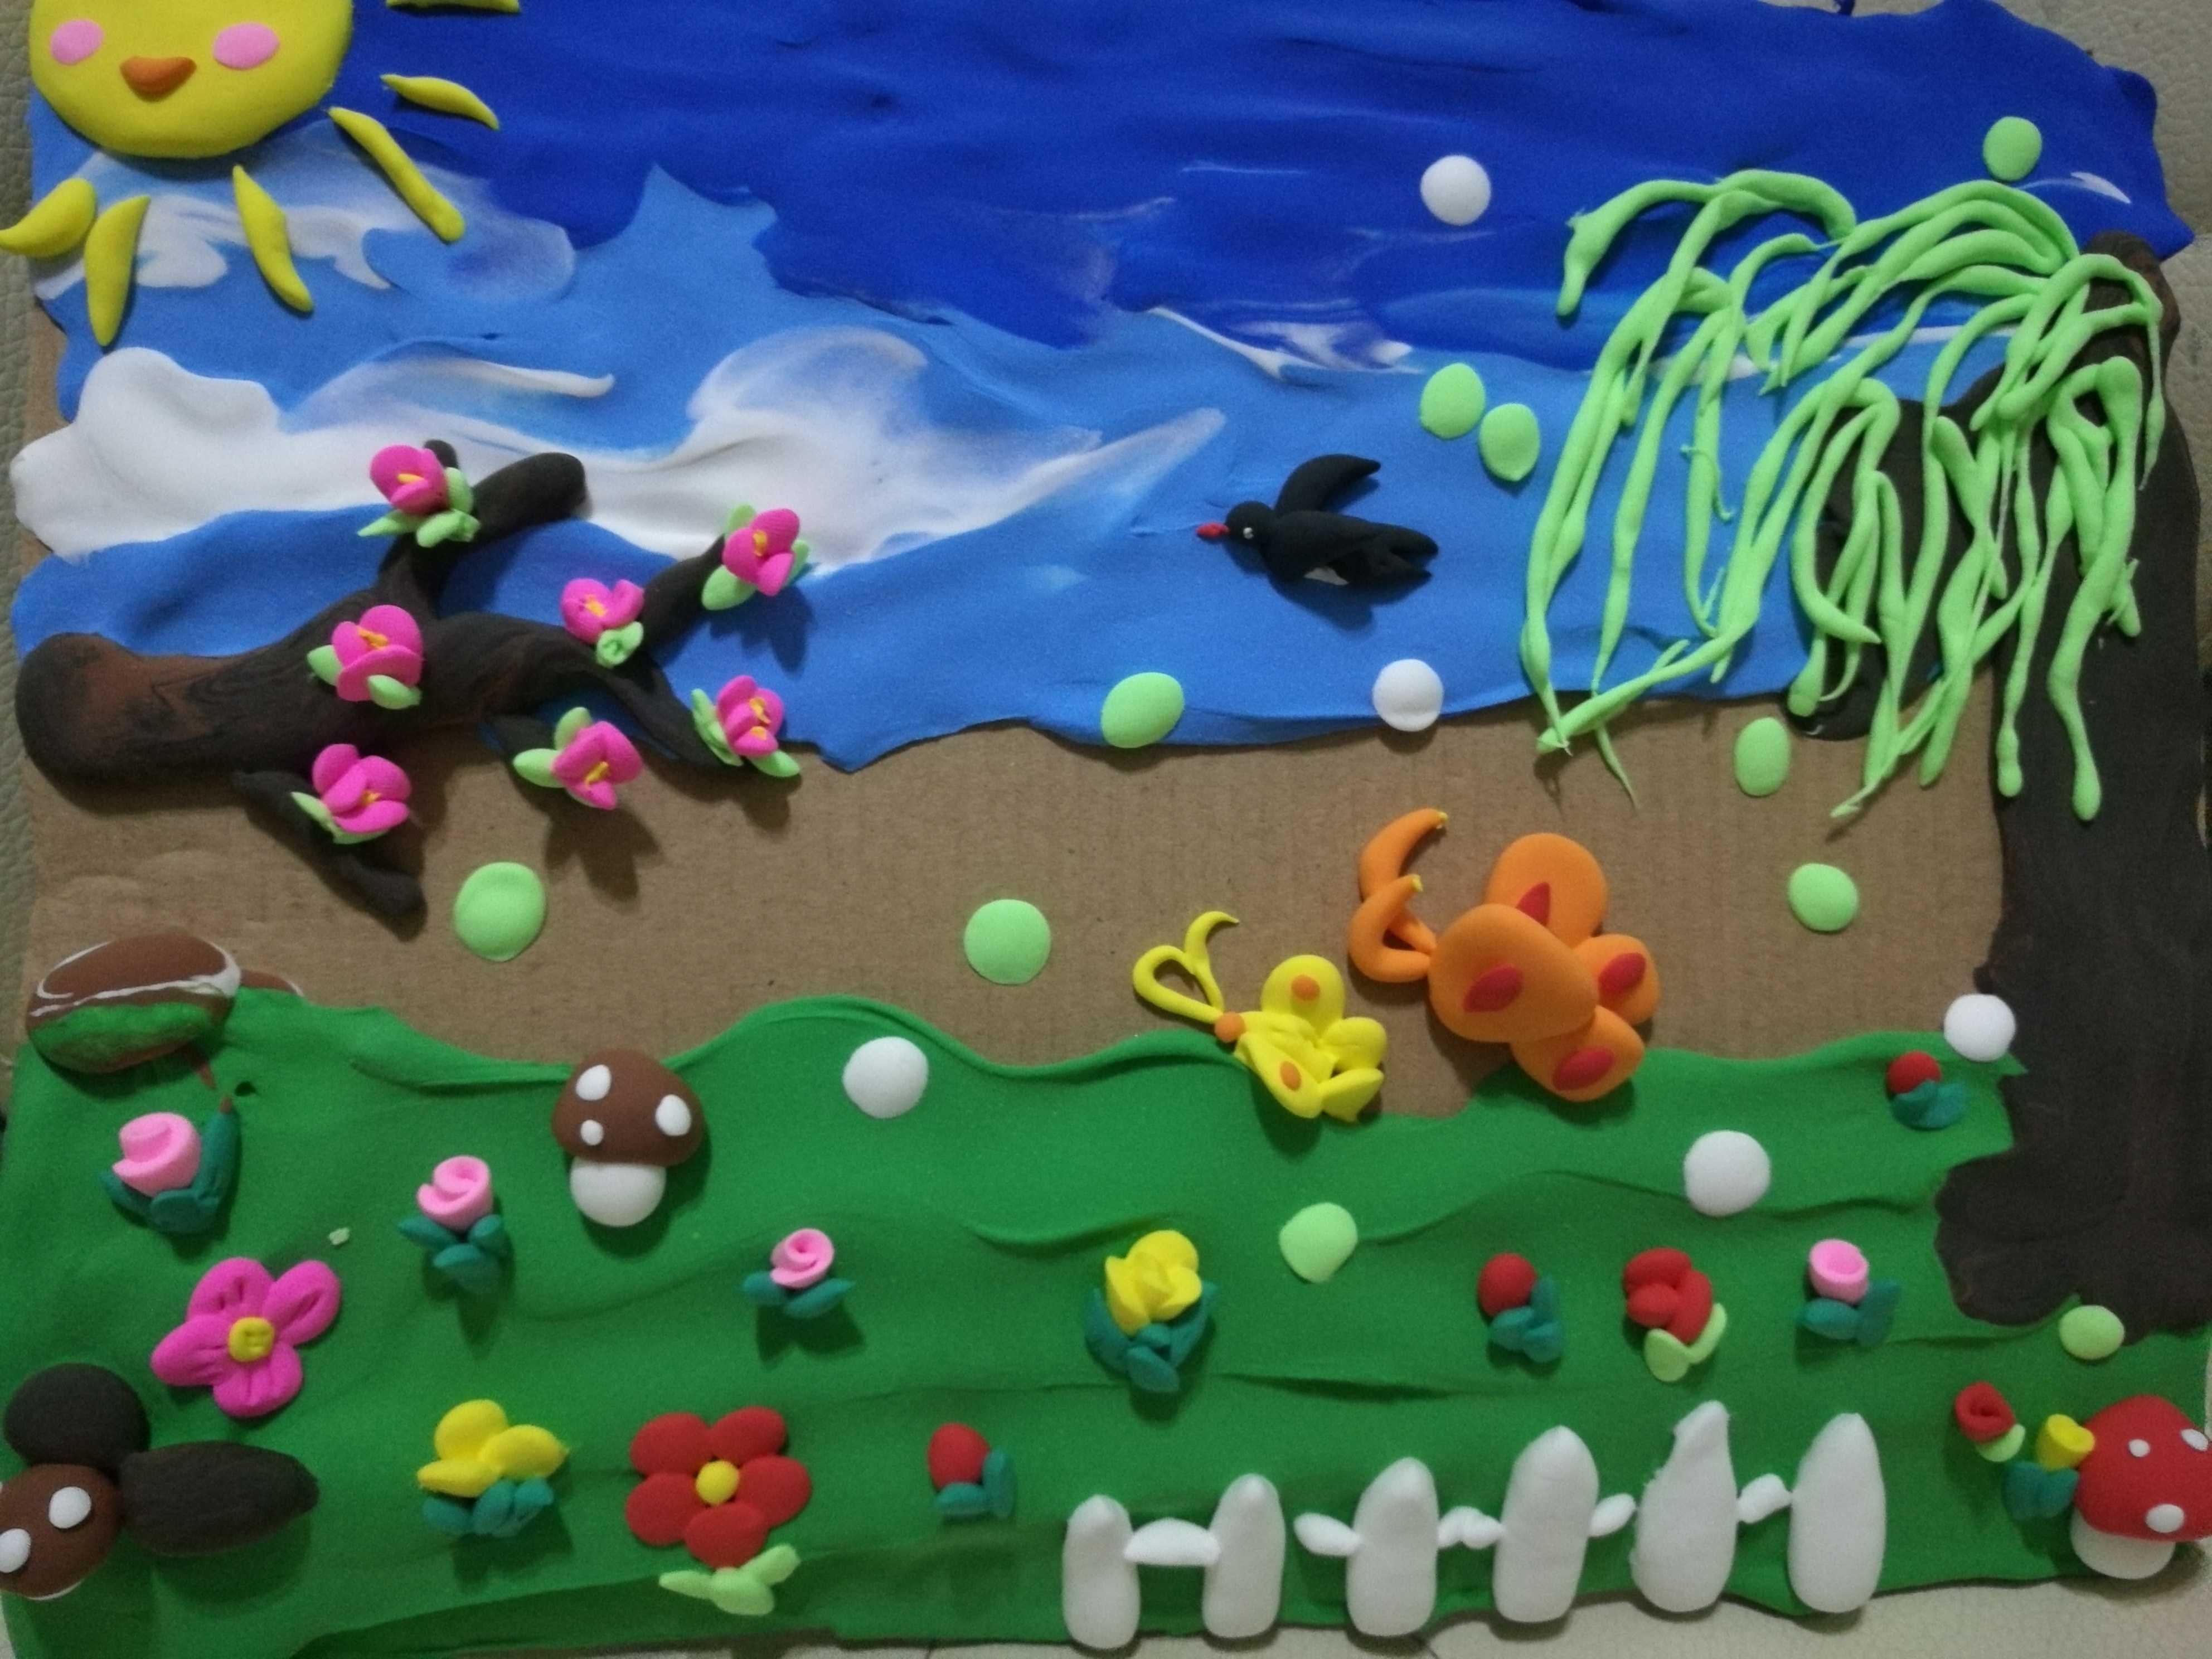 粘土手工场景作品春天来了主题学生作业立体画浮雕画春暖花开图片